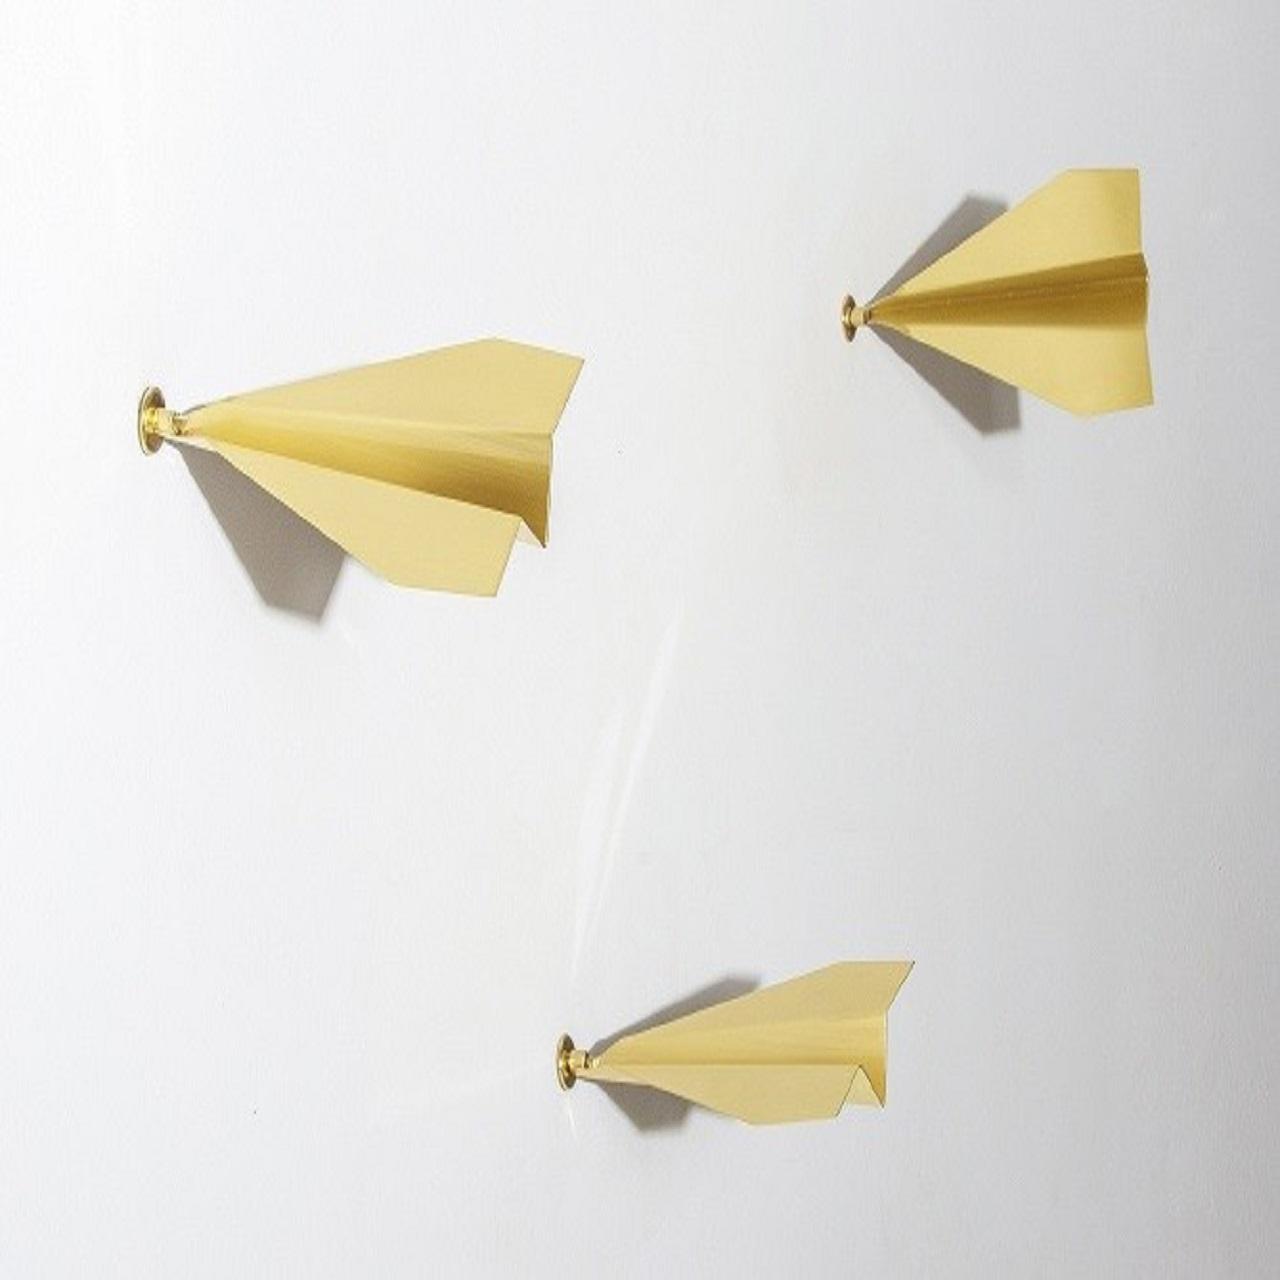 Escultura Trio Aviaozinho de Parede P | latao